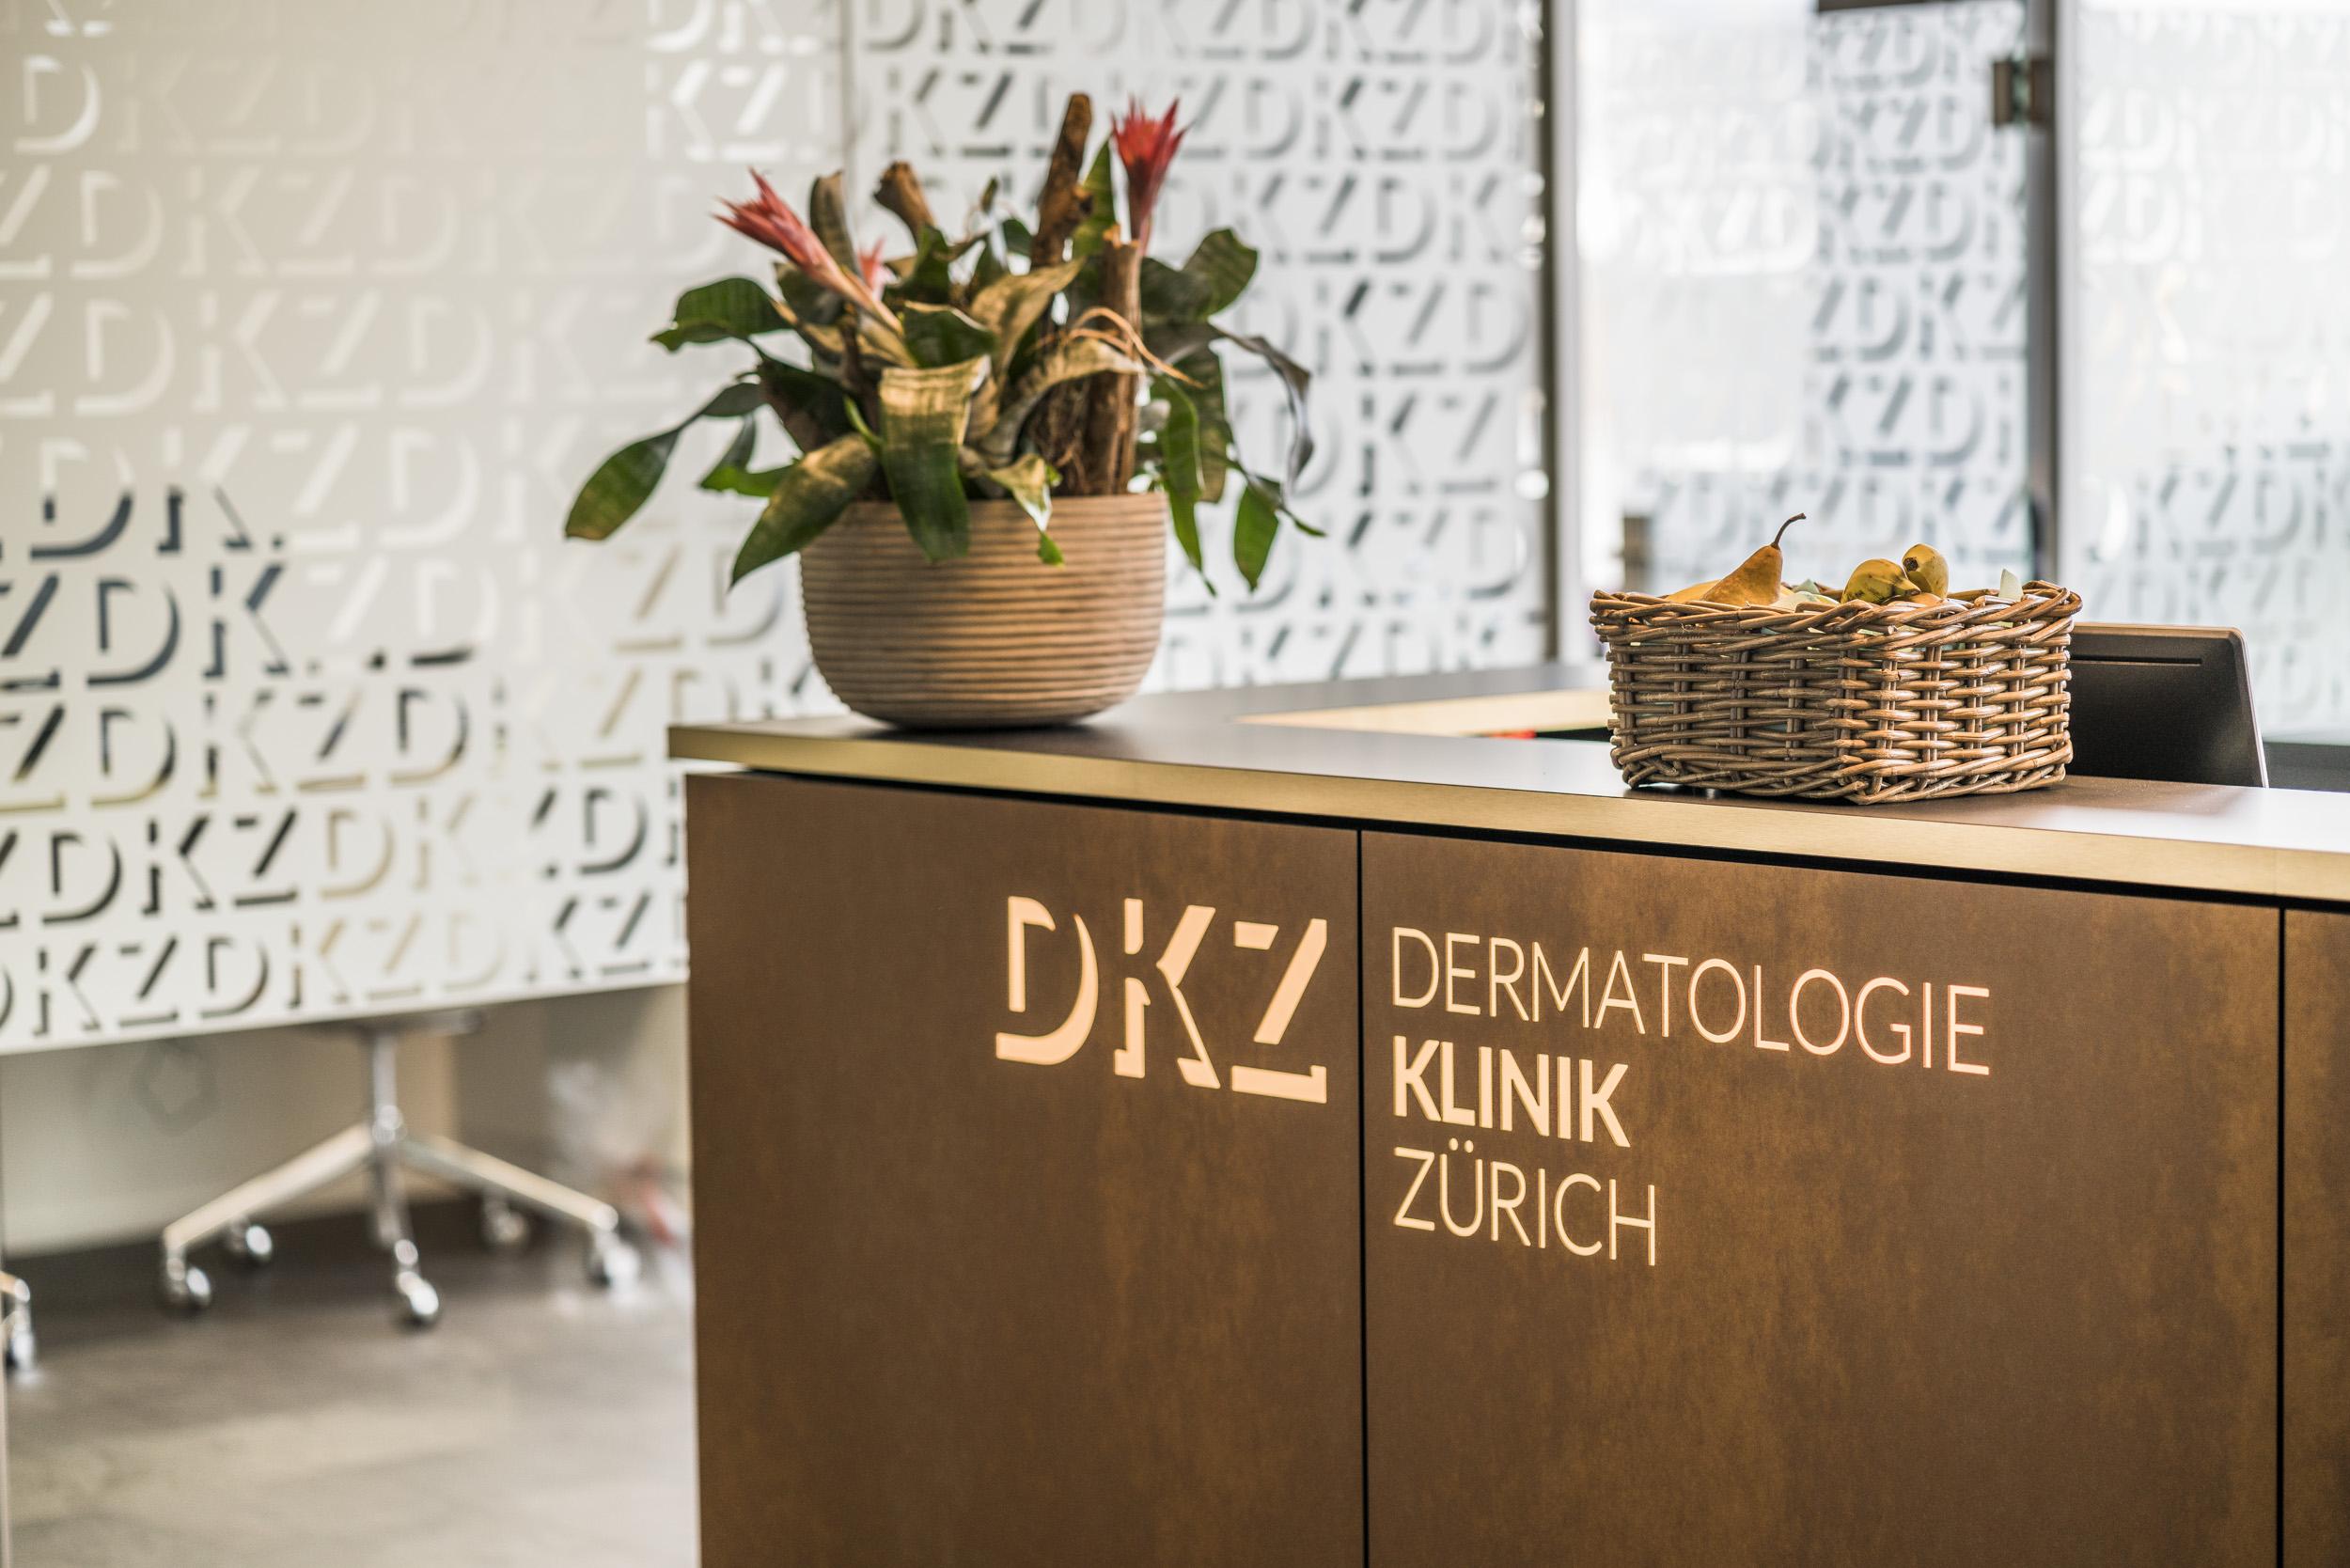 180327_Dermatologie-Klinik-Zuerich_Raumaufnahmen-A7R2-0042.jpg